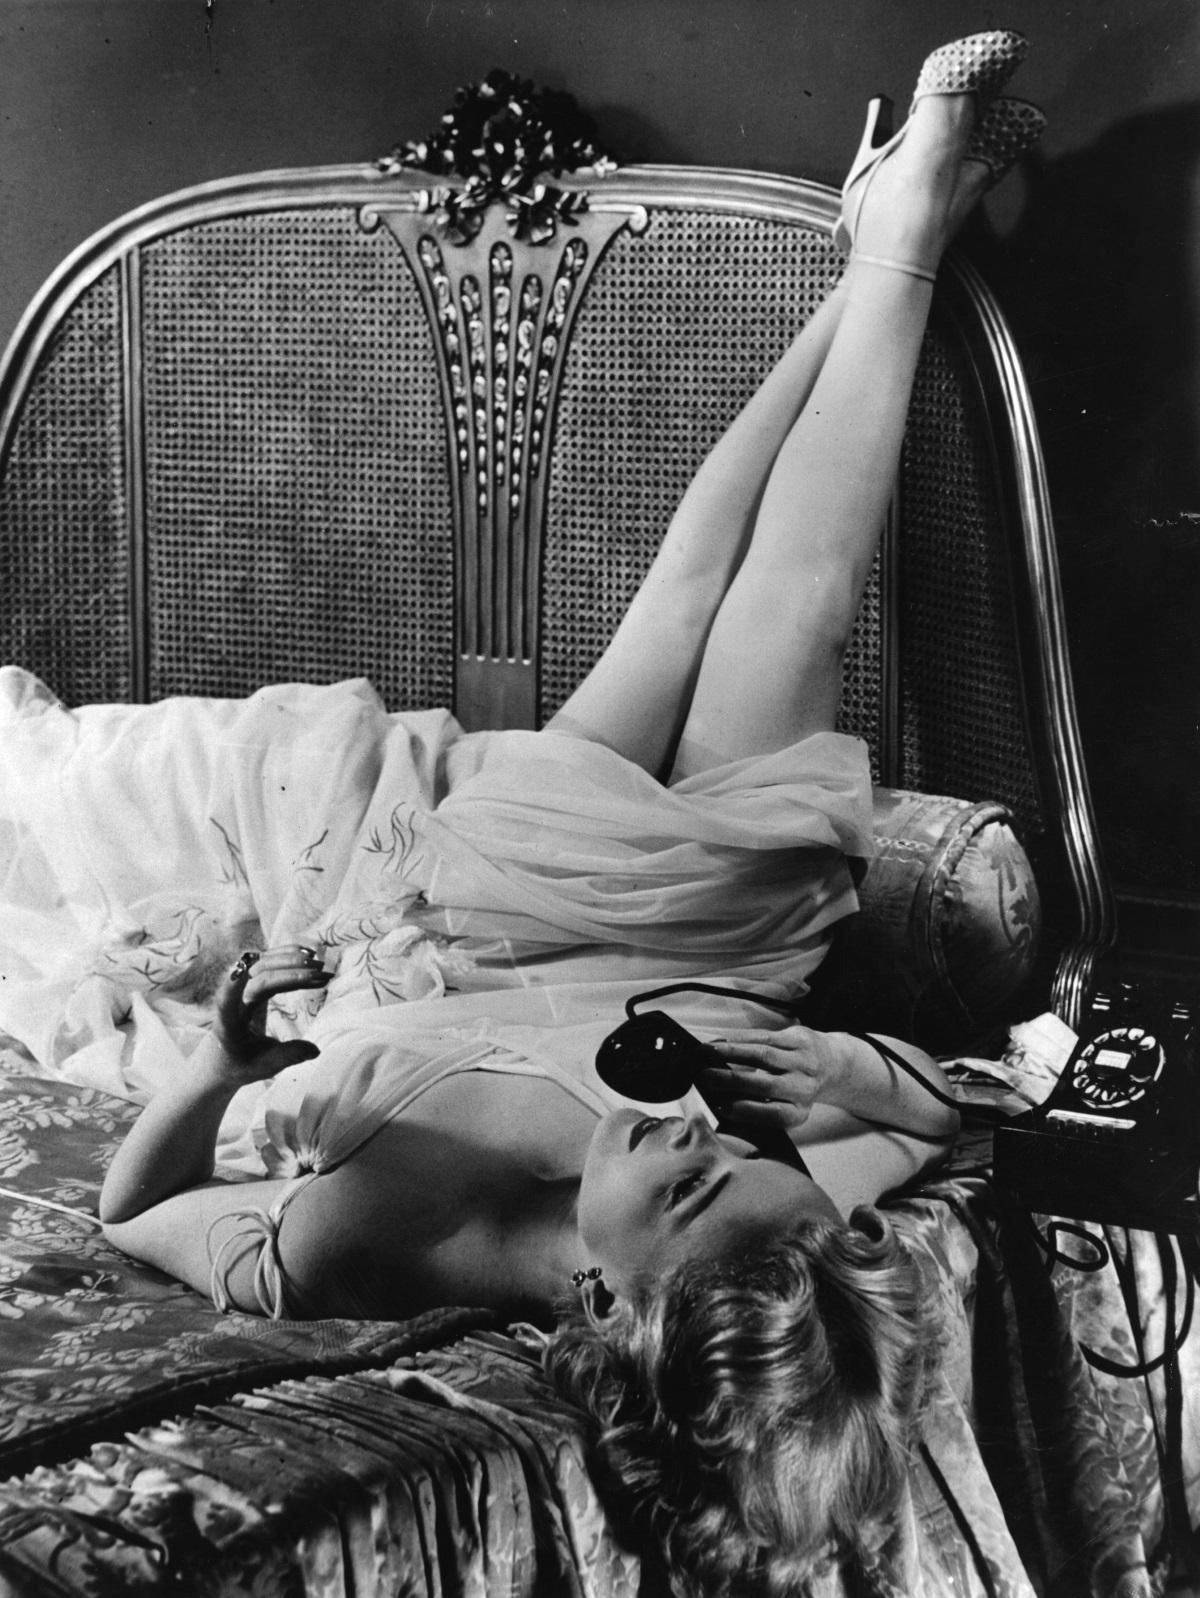 """Холивудската звезда от унгарски произход За За Габор, известна както с екранните си превъплъщения във филми като """"Ние не сме женени!"""", """"Мулен Руж"""", """"Допир до злото"""", така и с бурния си личен живот, почина на 99-годишна възраст от сърдечен удар, след като години наред се бореше с влошено здраве. Вижте неземната ѝ красота в галерията ни"""